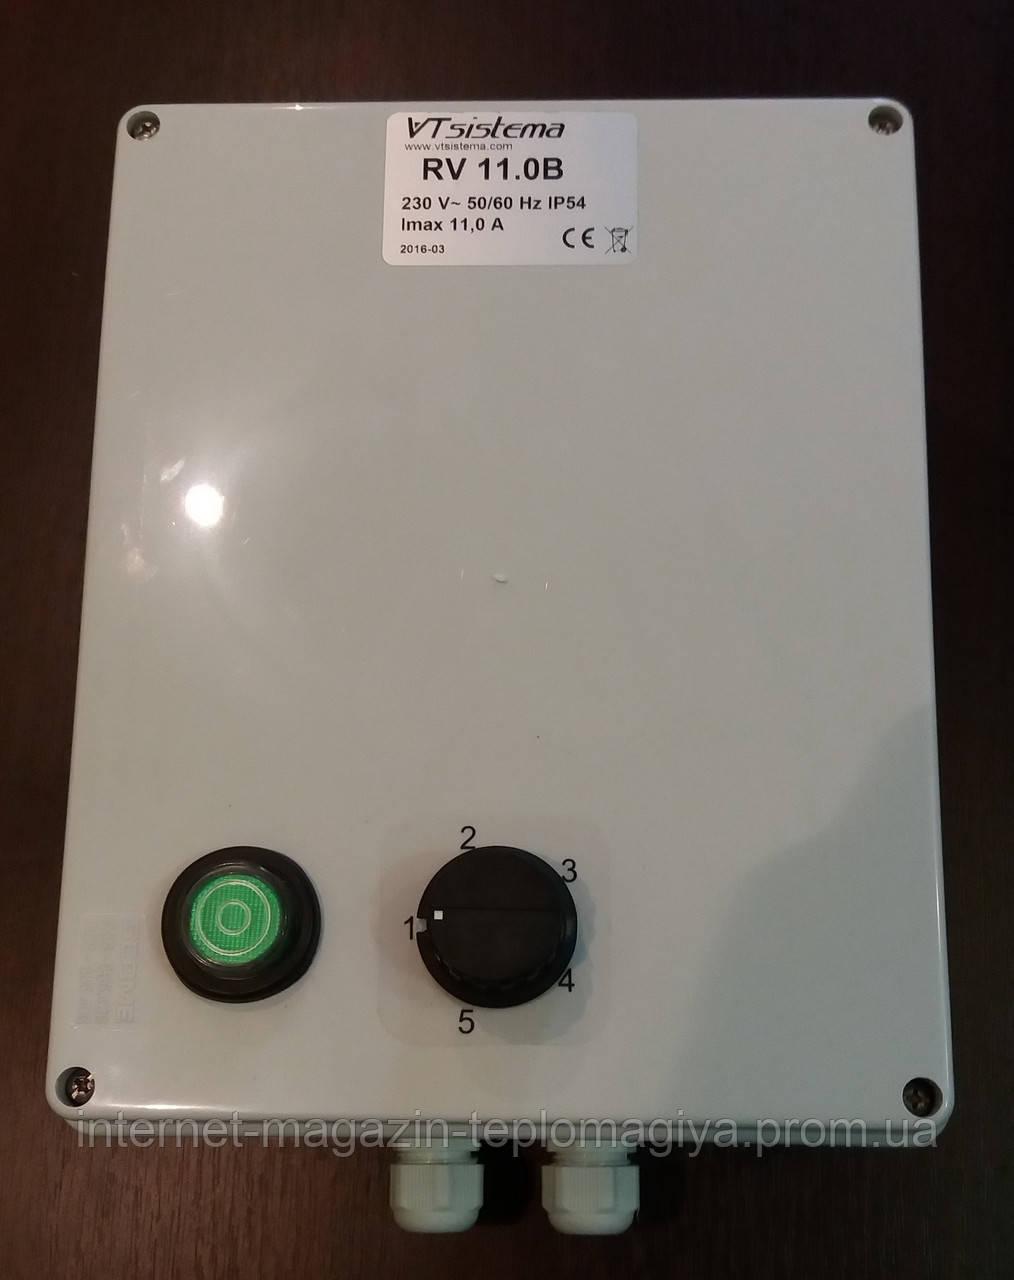 Трансформаторный регулятор скорости HC 11.0 A